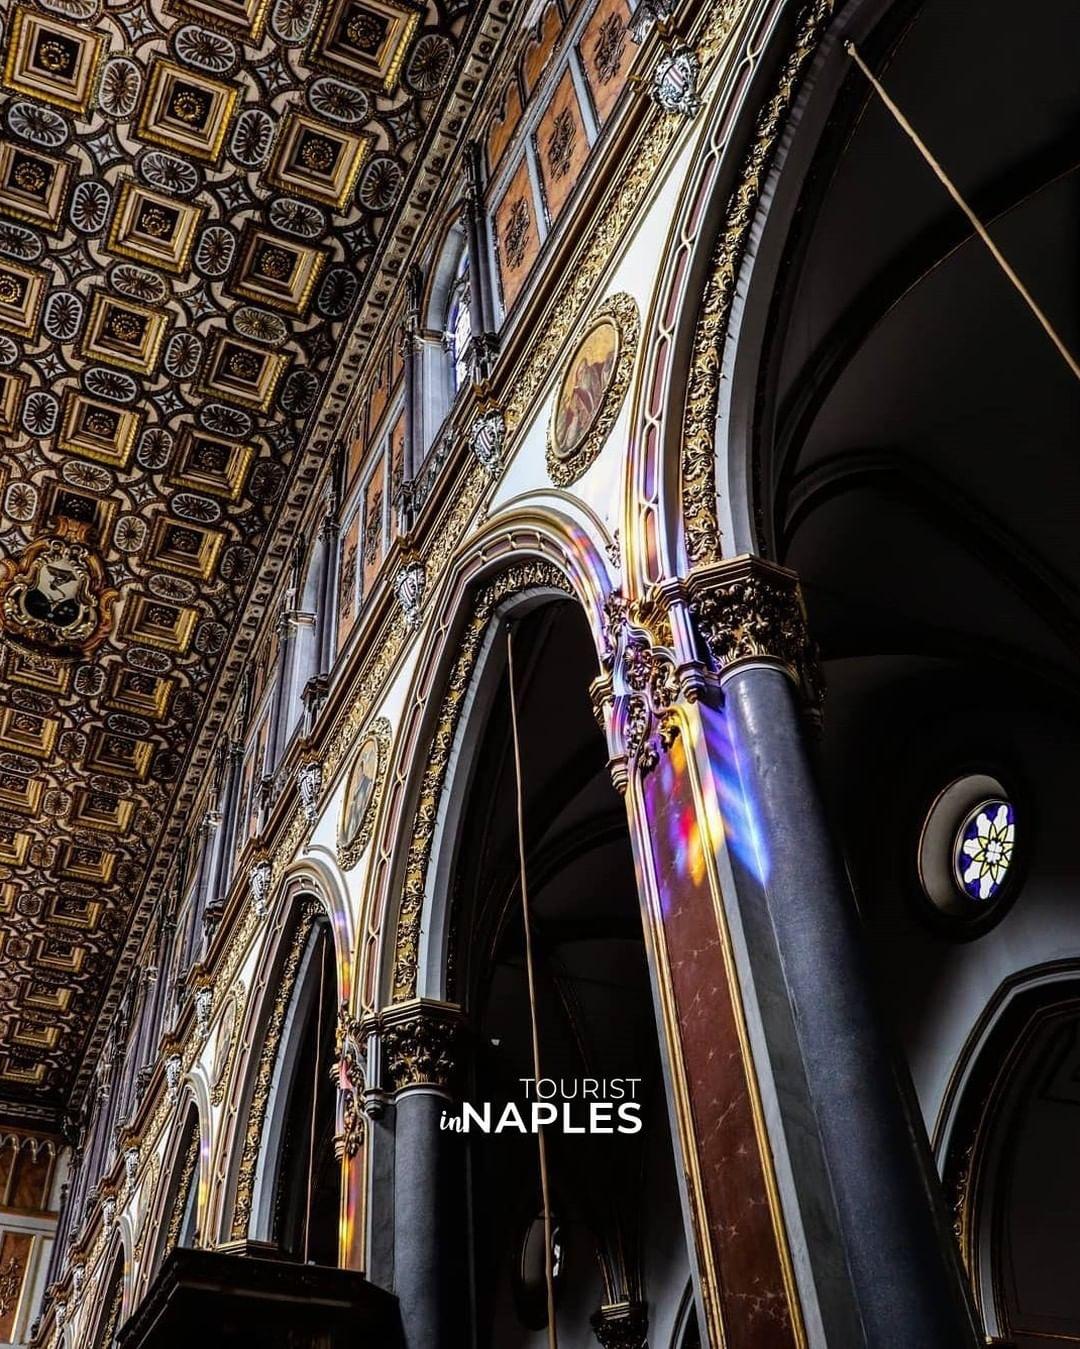 El Espacio de los Napolitanos: Iglesia de San Domenico Maggiore